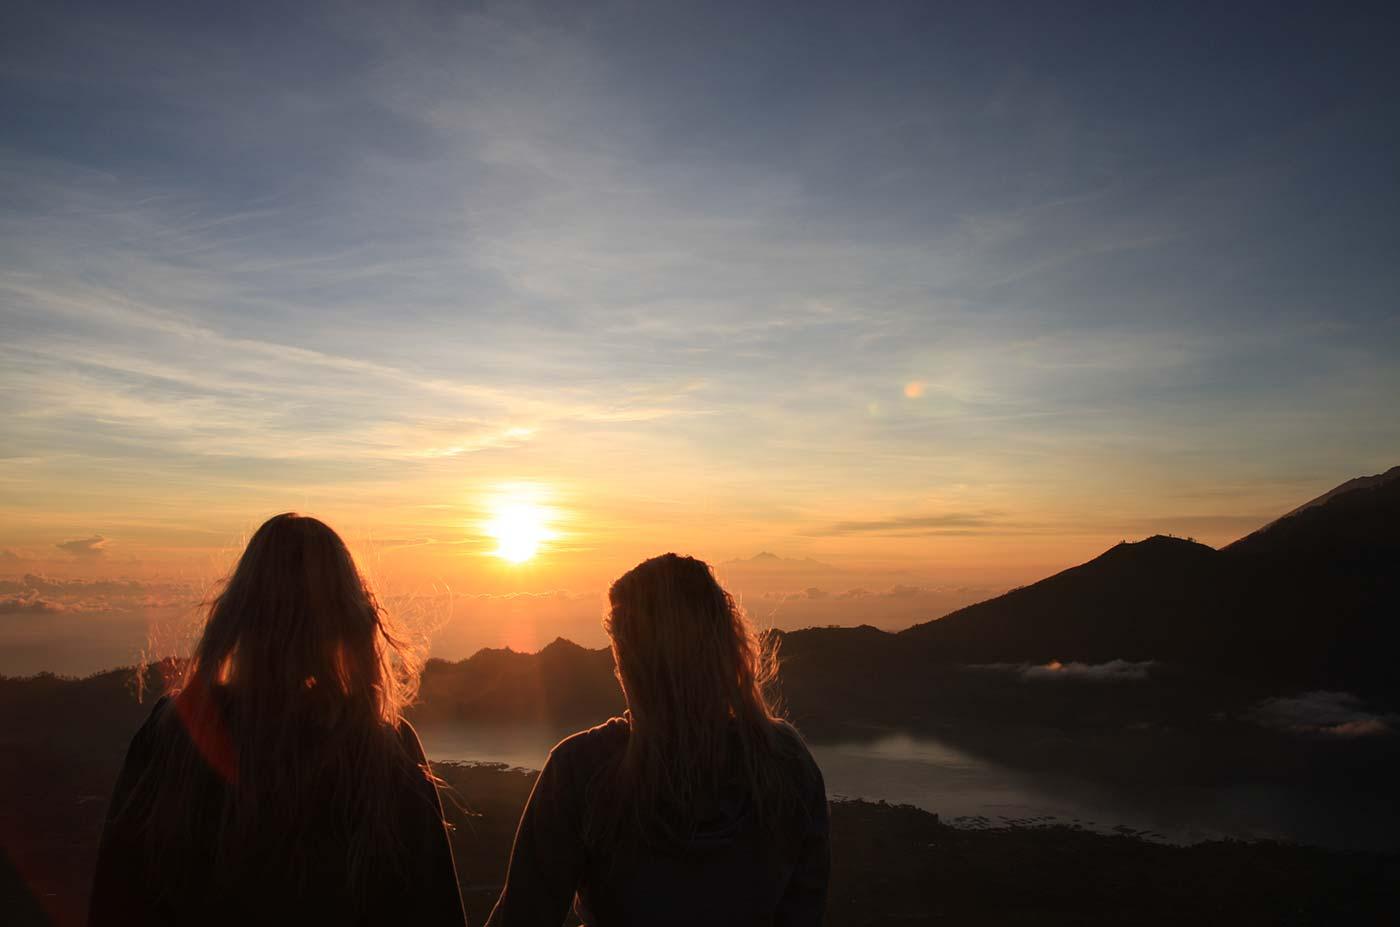 Kremkau Raumbegrünung - Nachhaltigkeit: Menschen beim Sonnenuntergang